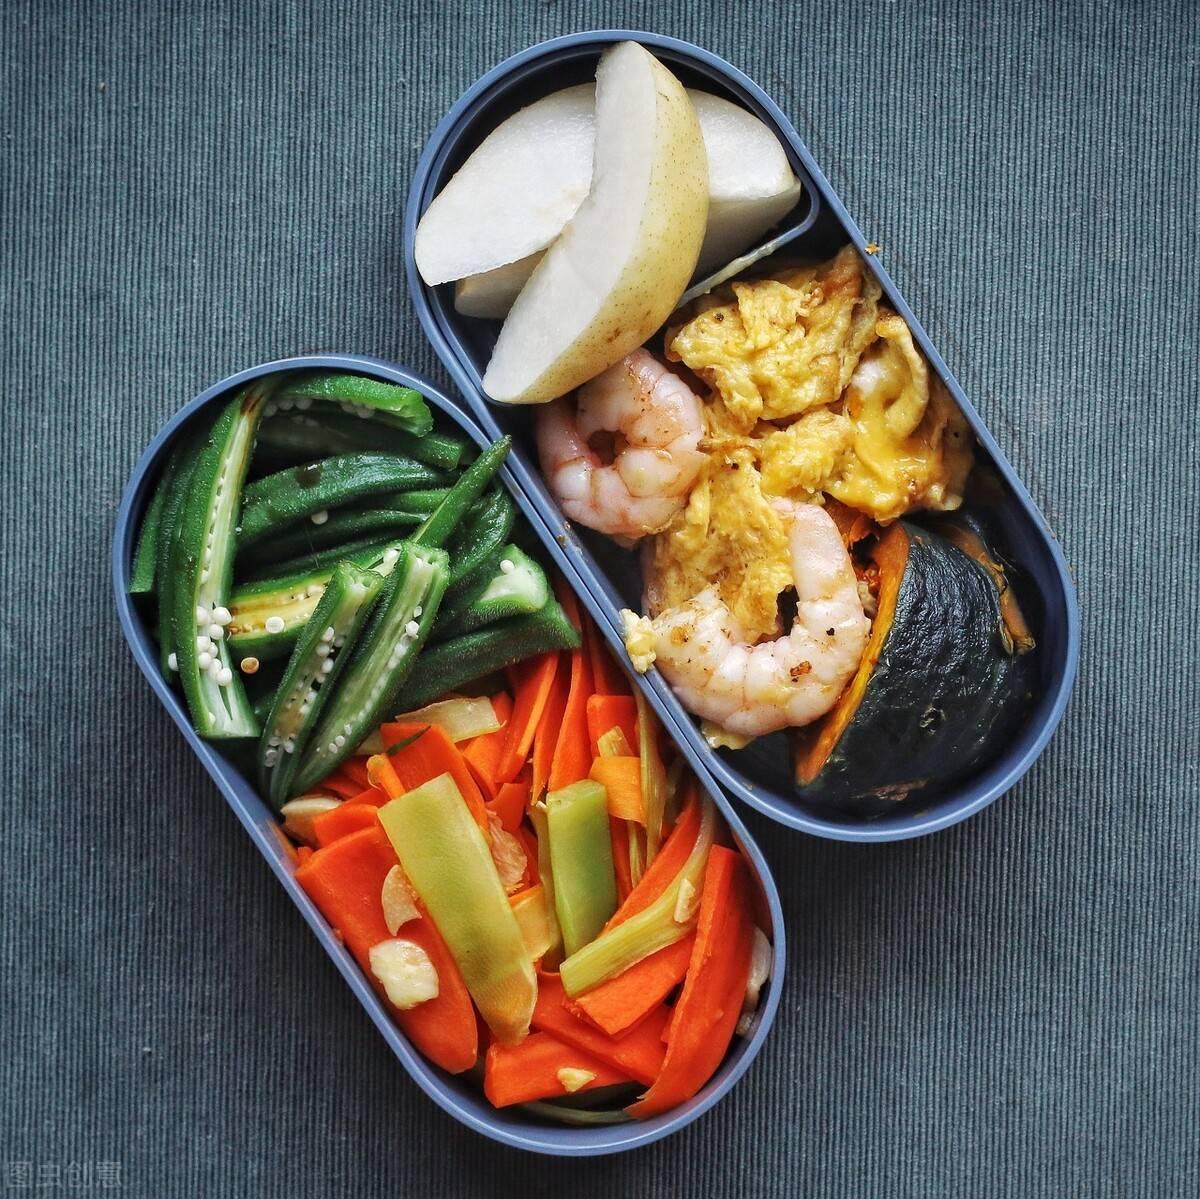 减脂餐坚持这4个原则,让你体重不知不觉下降10斤